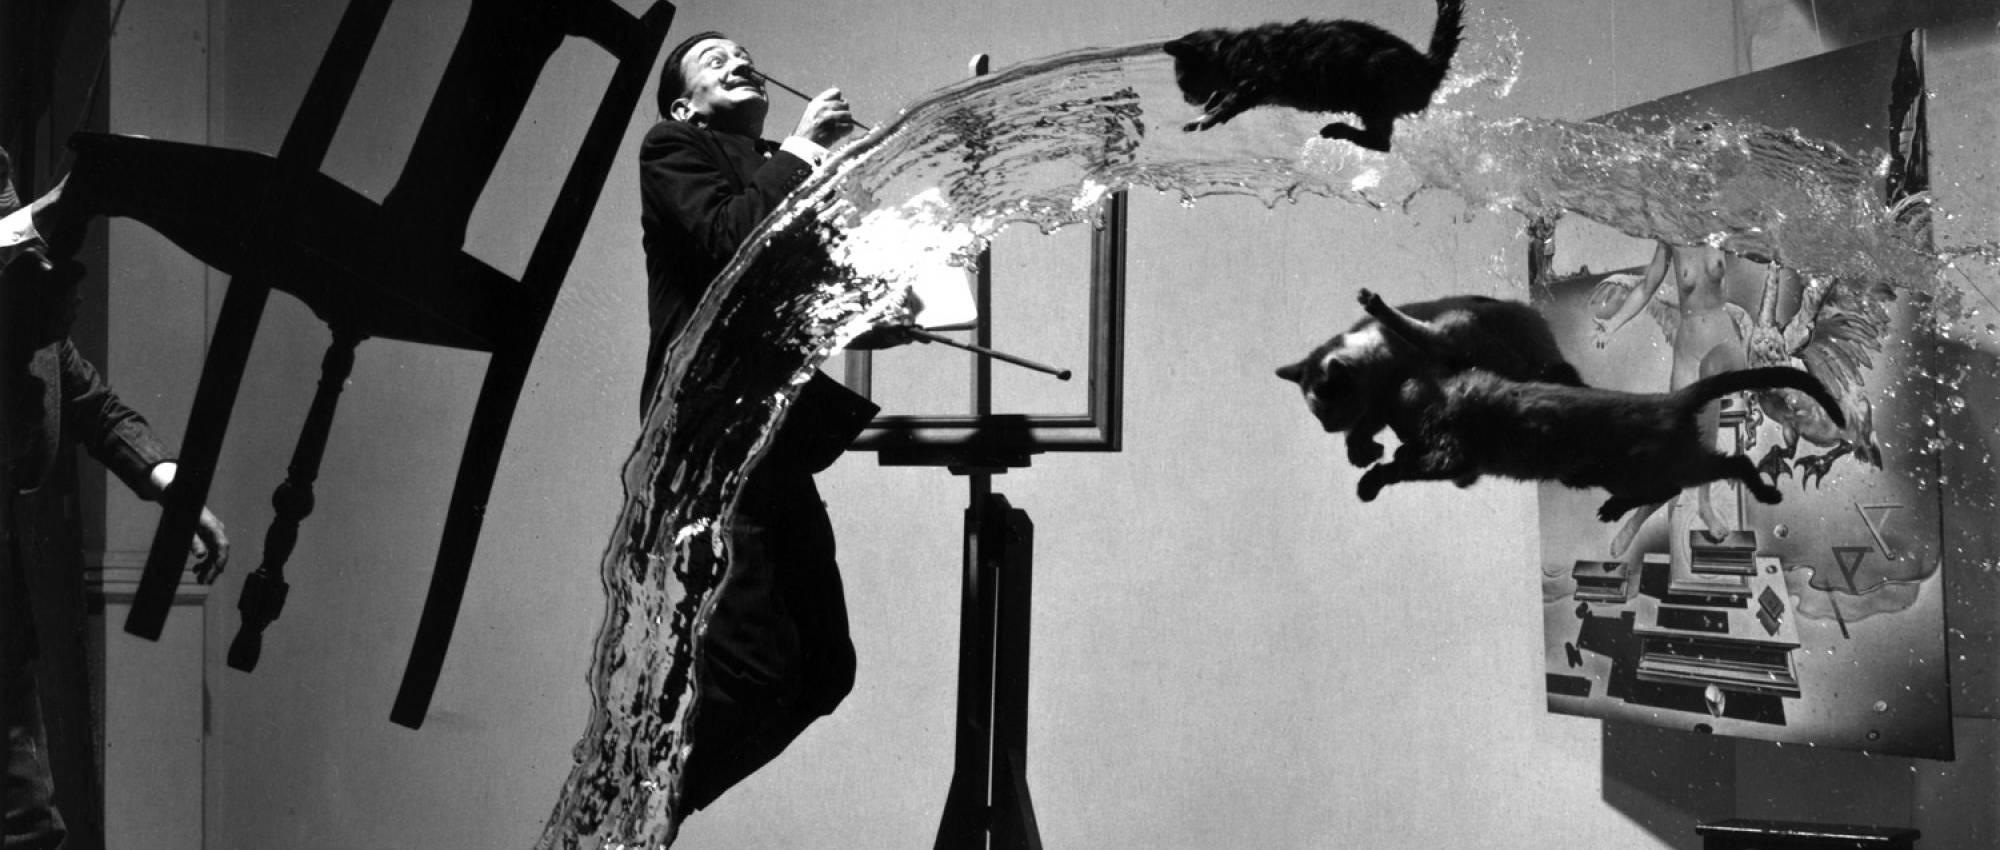 Salvador Dalí fotografiat per Philippe Halsman. Domini Públic